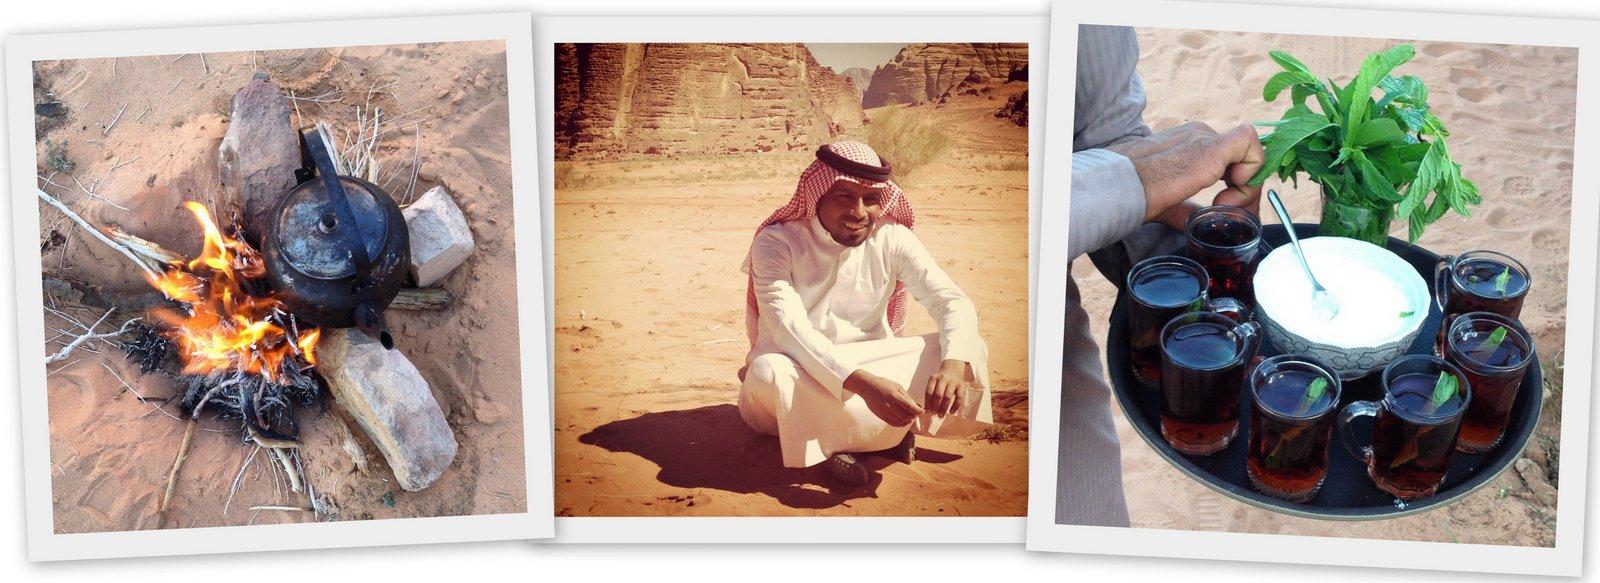 jordanie the desert wadi rum